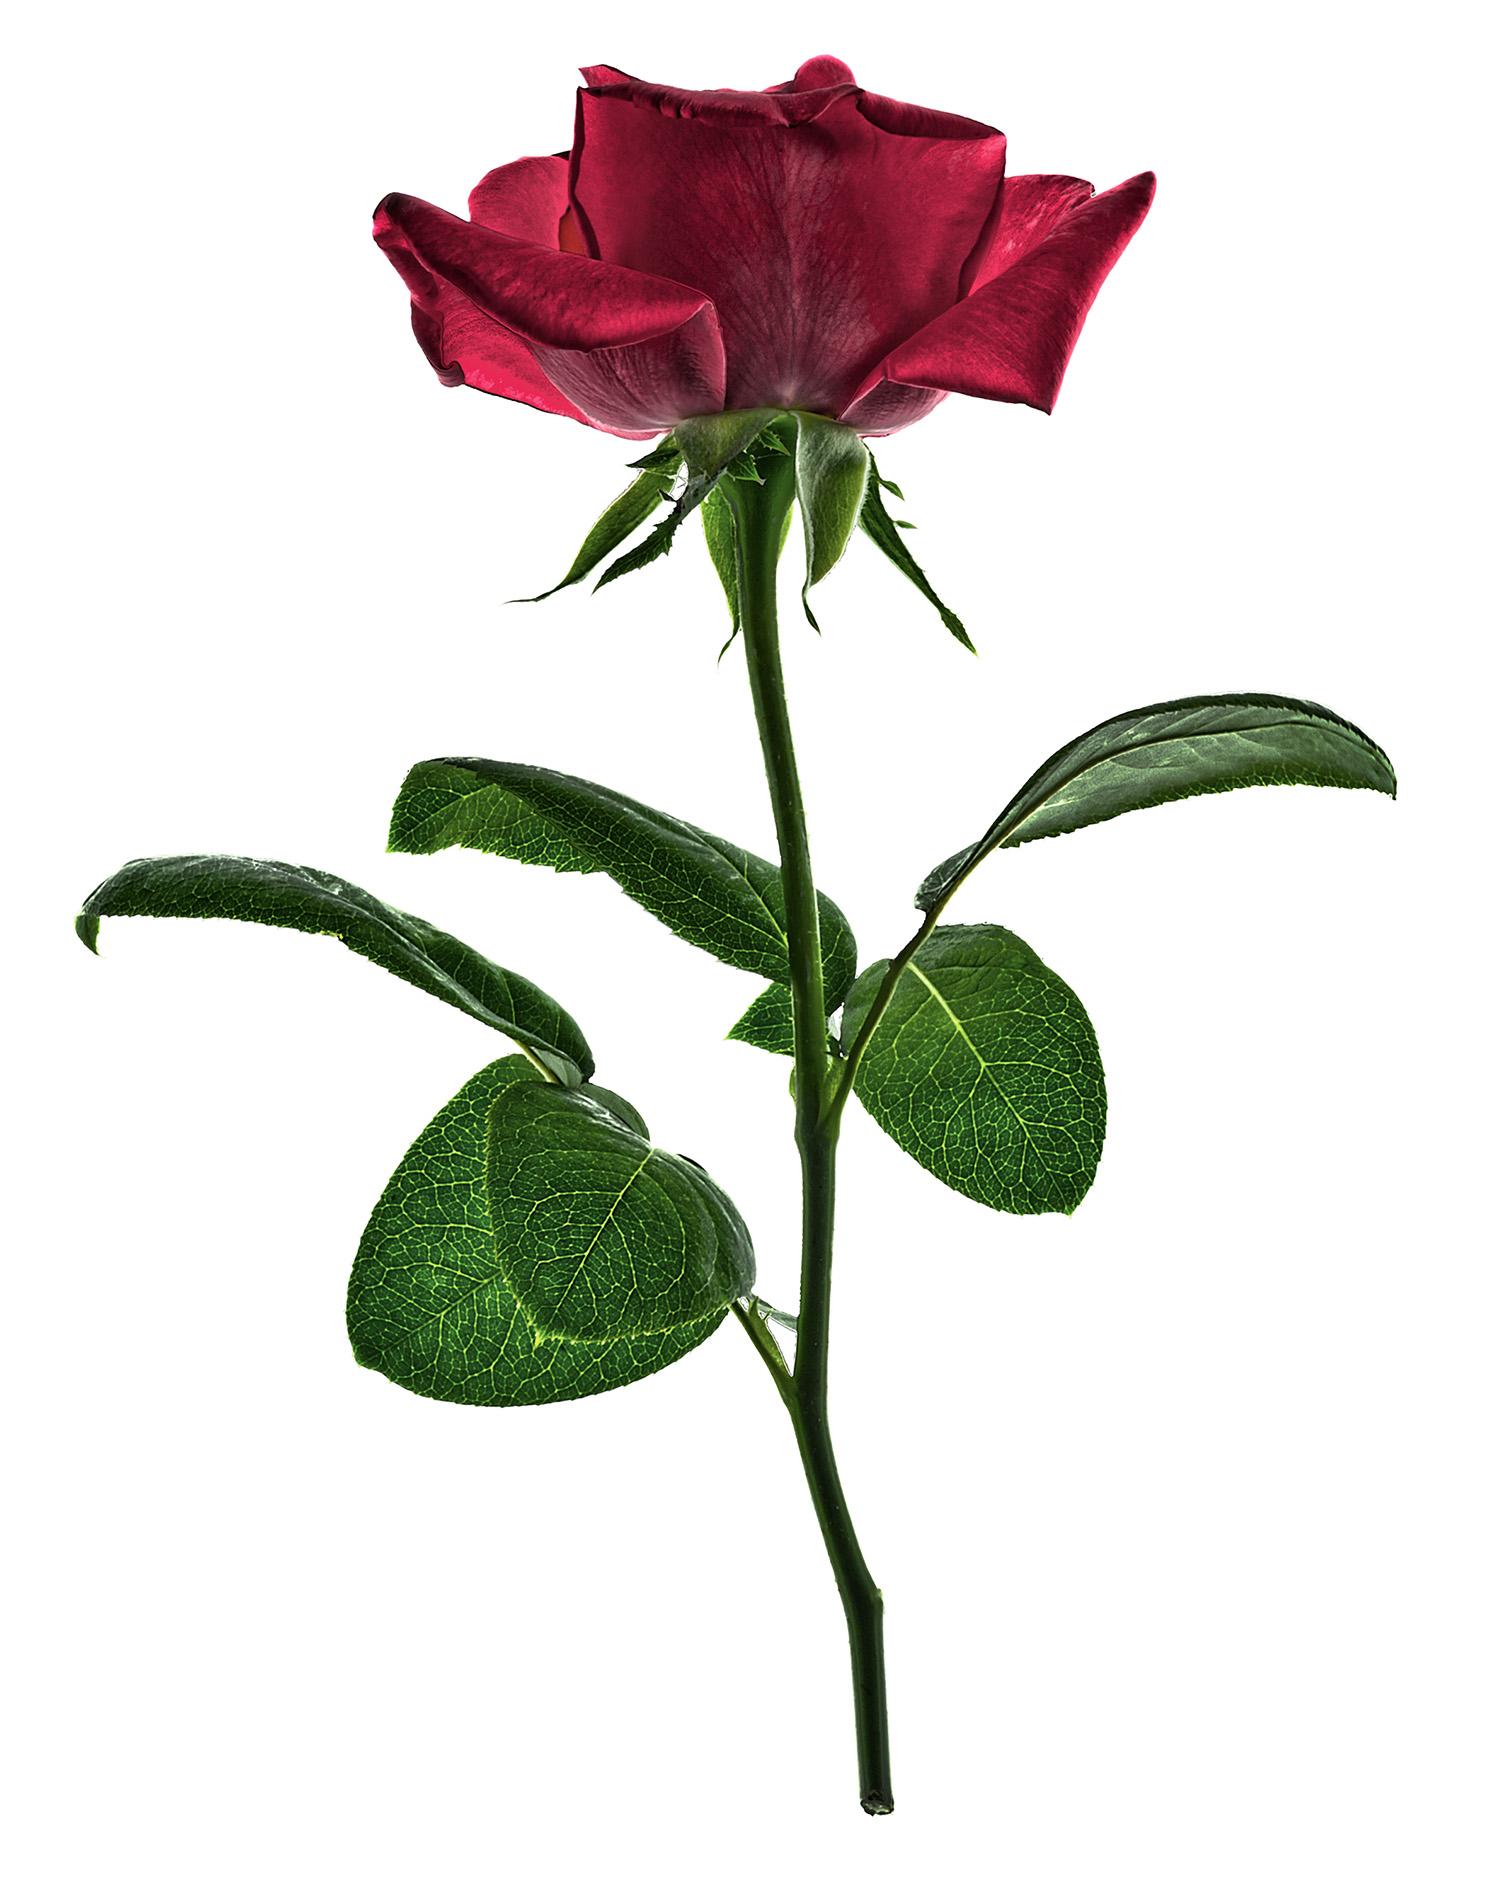 Rose-1900x1500x72dpi-Web.jpg